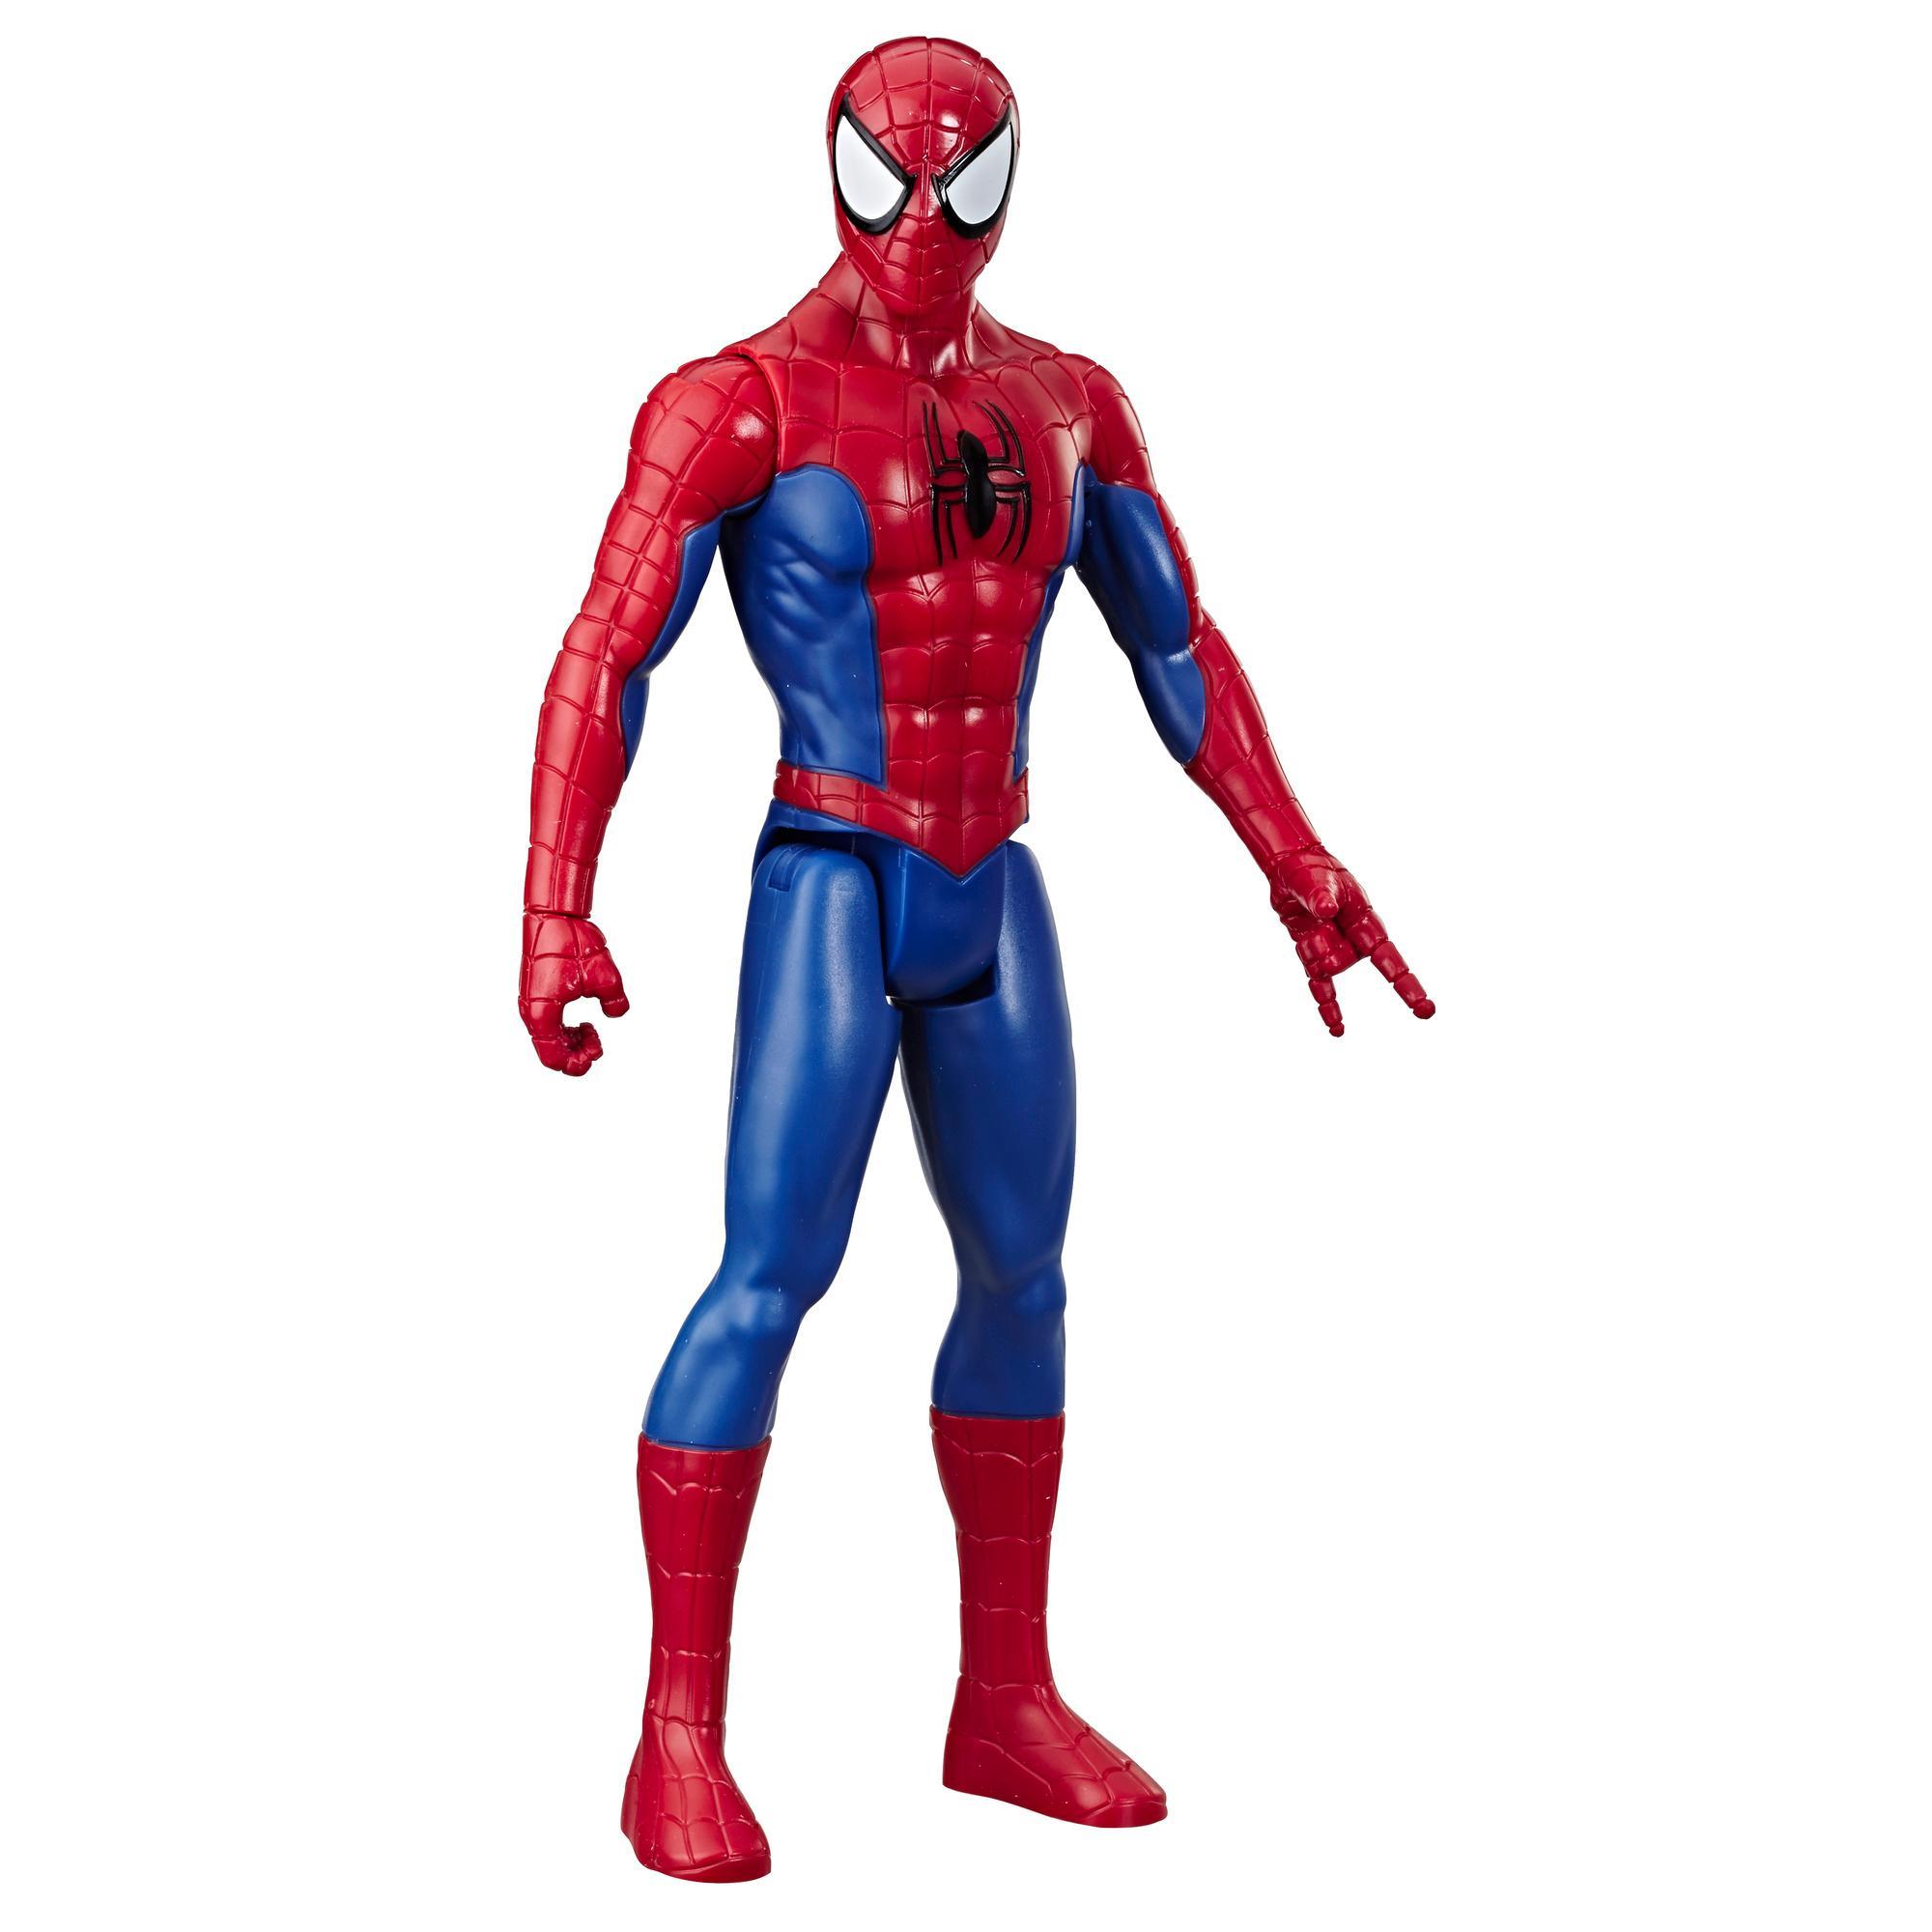 Marvel Spider-Man Titan Hero Series Spider-Man 12-Inch-Scale Super Hero Action Figure Toy